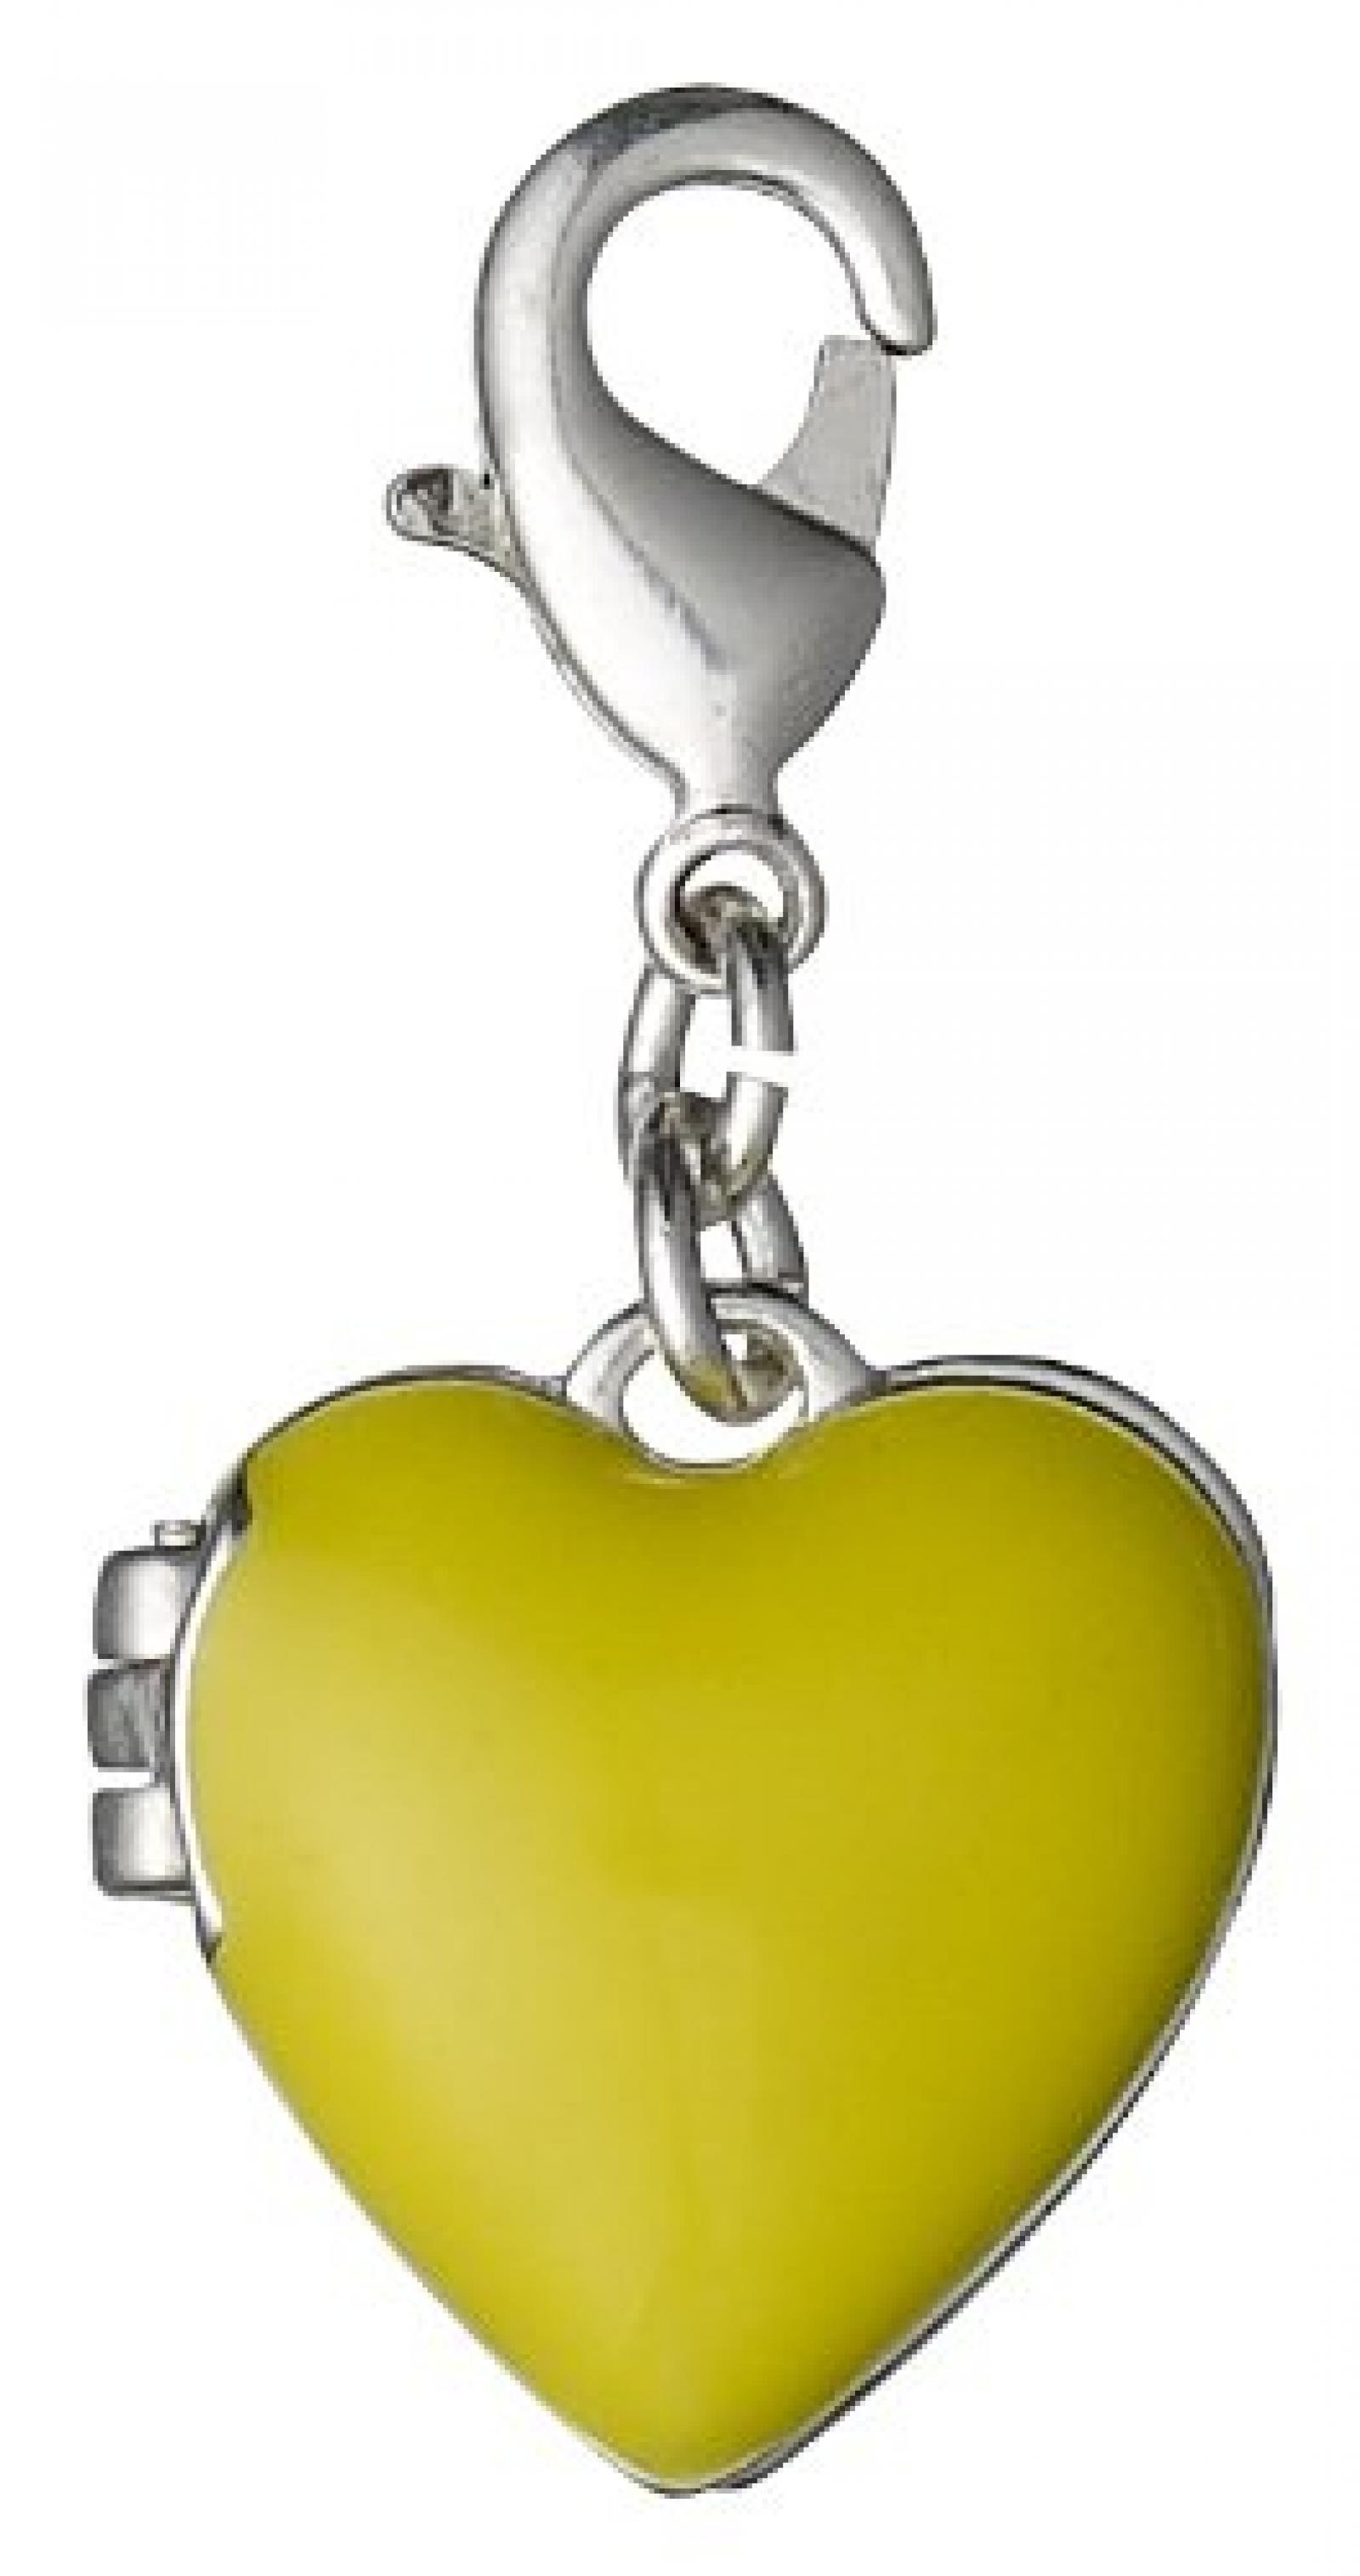 Pilgrim Jewelry Damen-Anhänger Messing aus der Serie versilbert,lime 3.5 cm 401326405